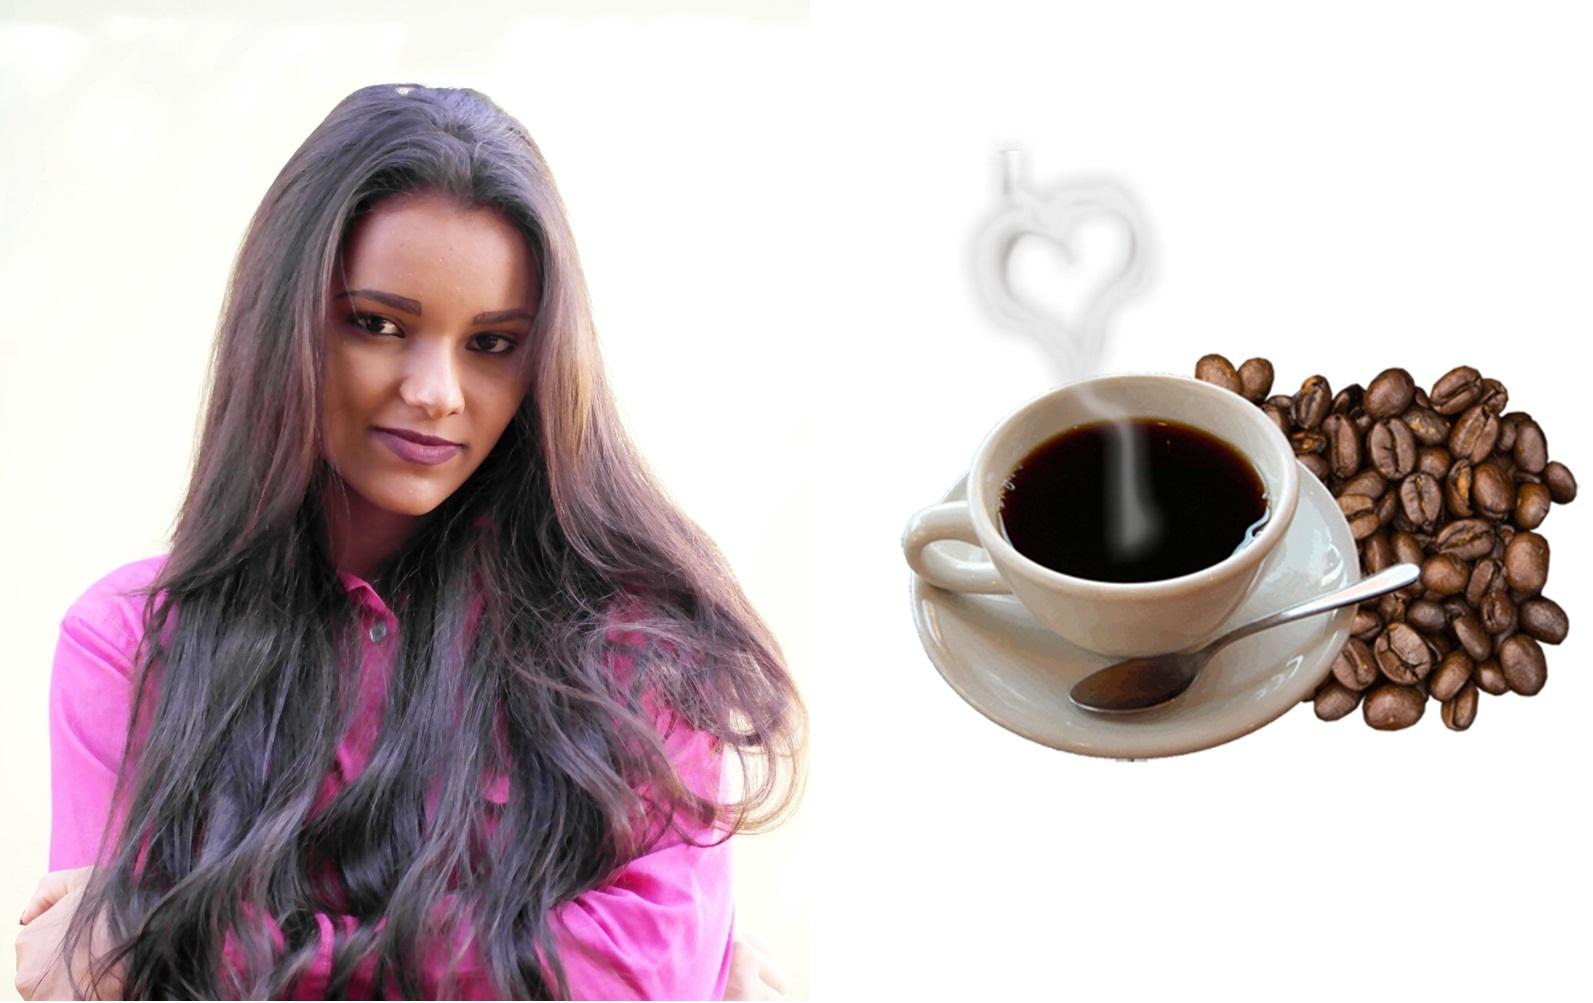 hidratação de café